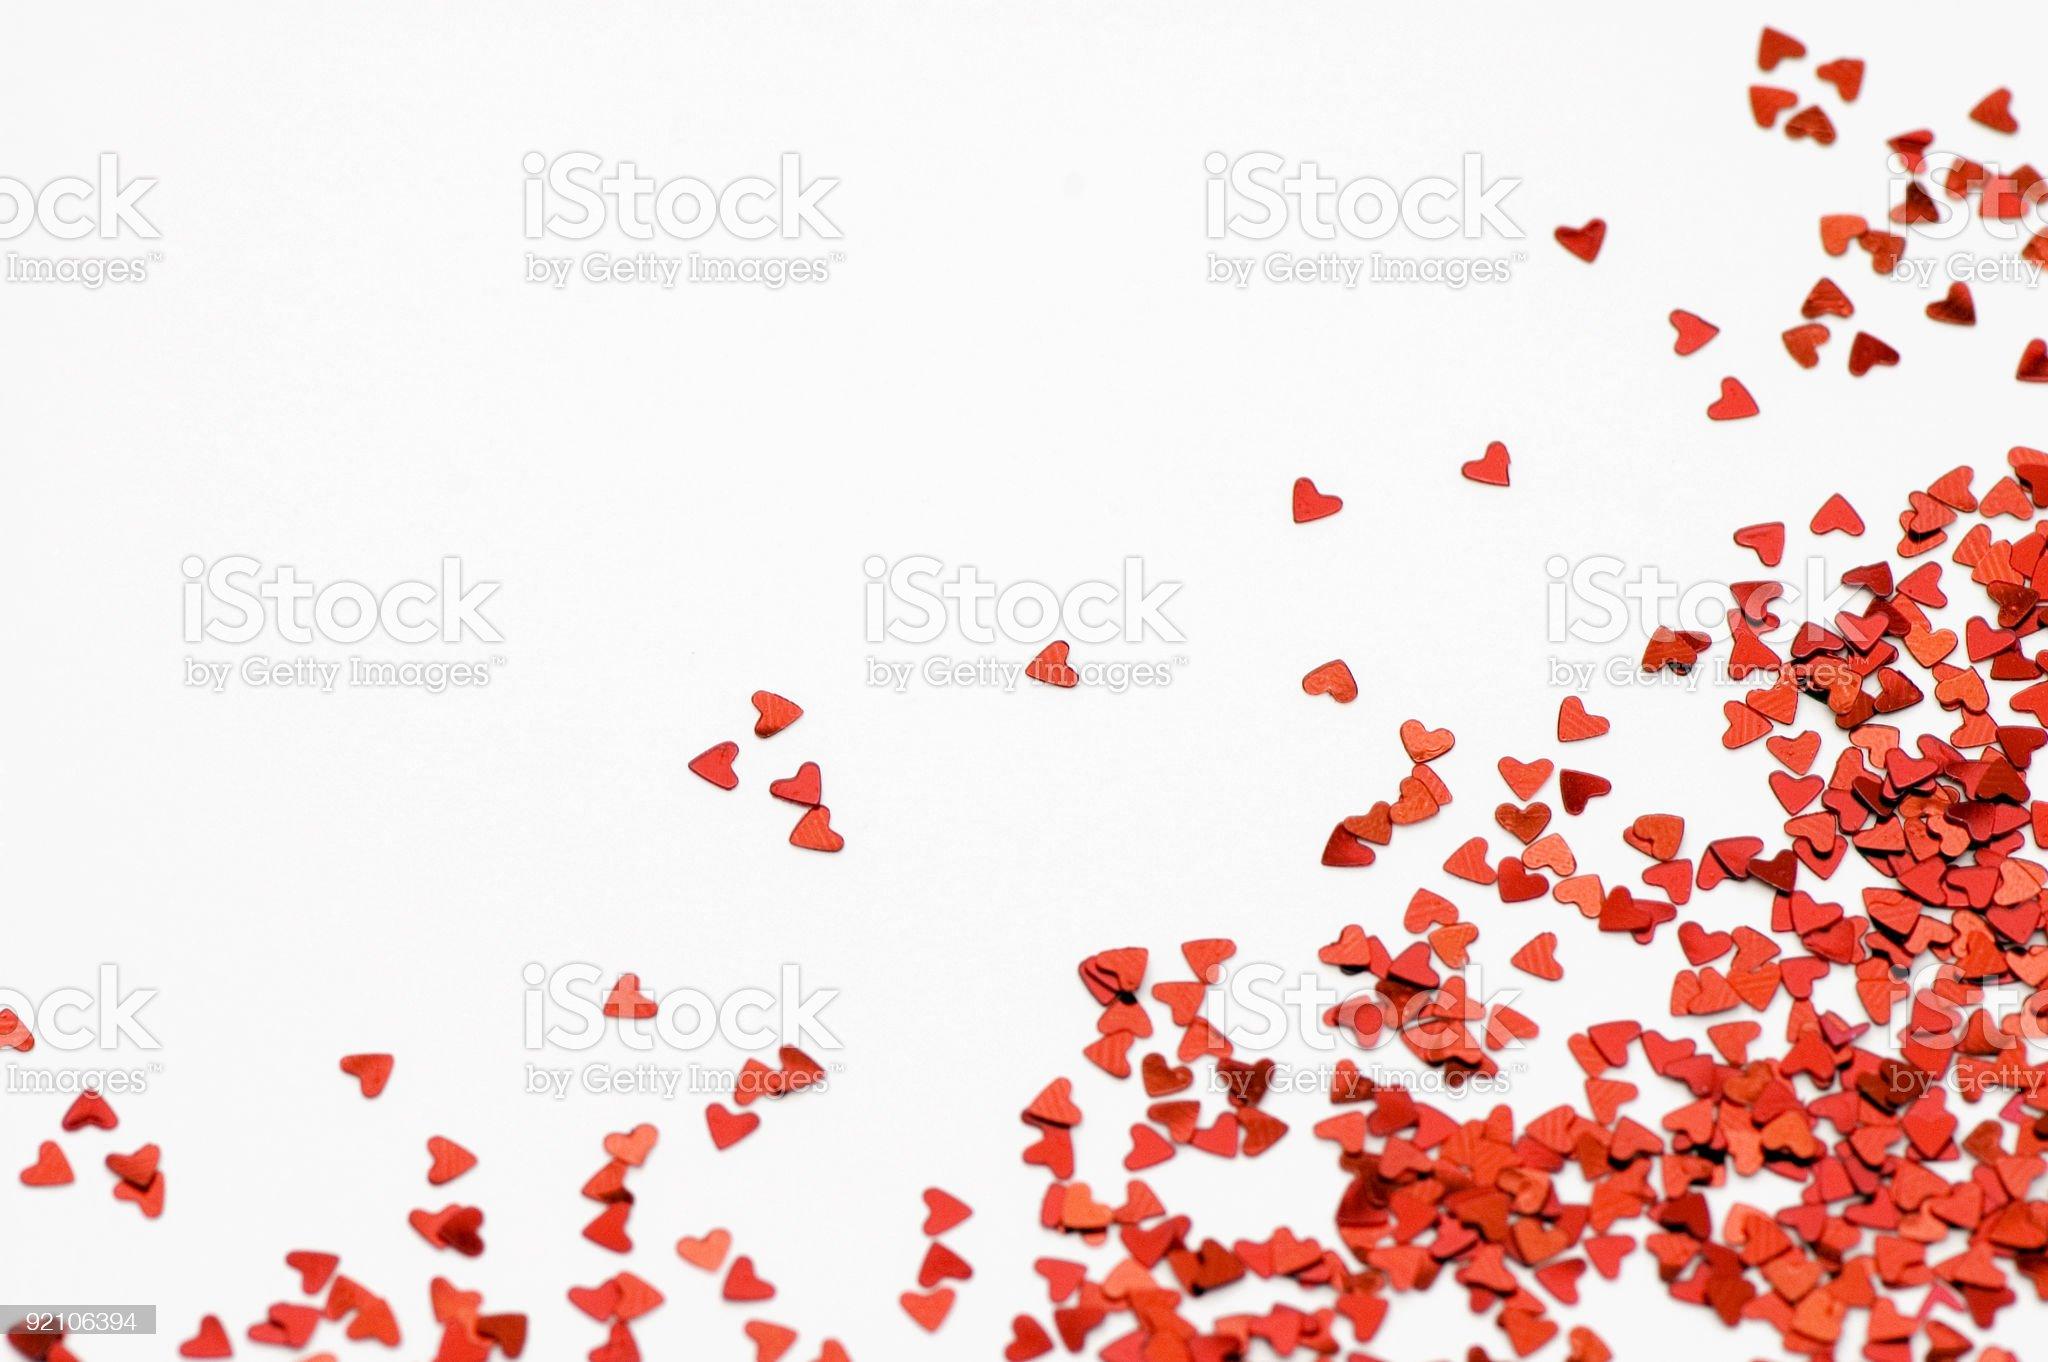 Loving Hearts Confetti royalty-free stock photo